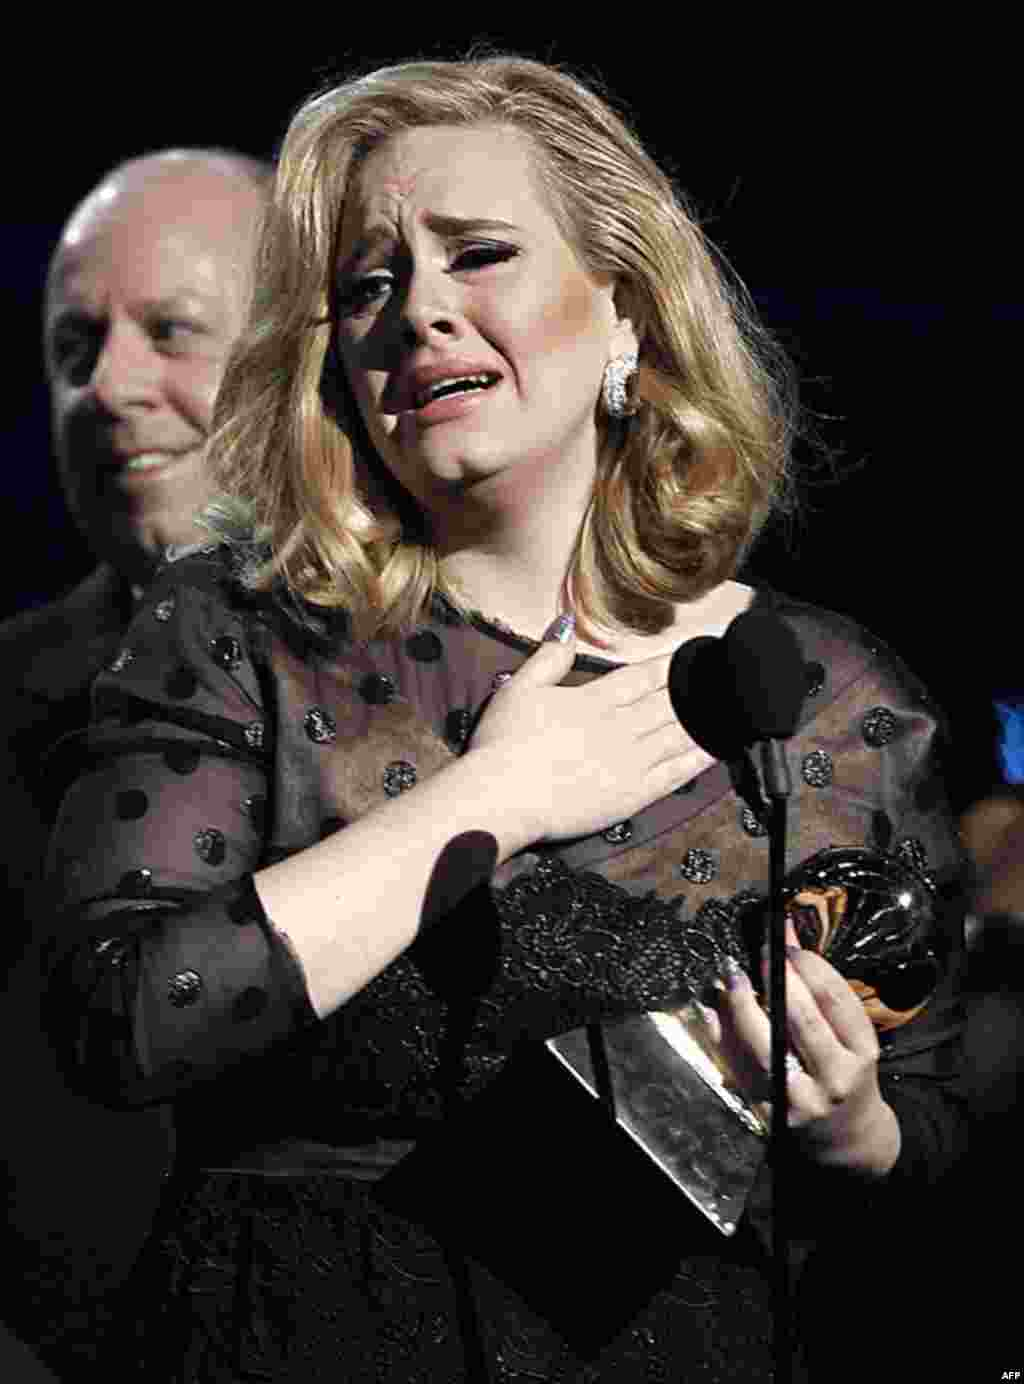 """Ca sĩ Adele nhận giải Thu âm của năm cho ca khúc """"Rolling in the Deep"""" trong lễ trao giải Grammy lần thứ 54 (AP Photo/Matt Sayles)"""